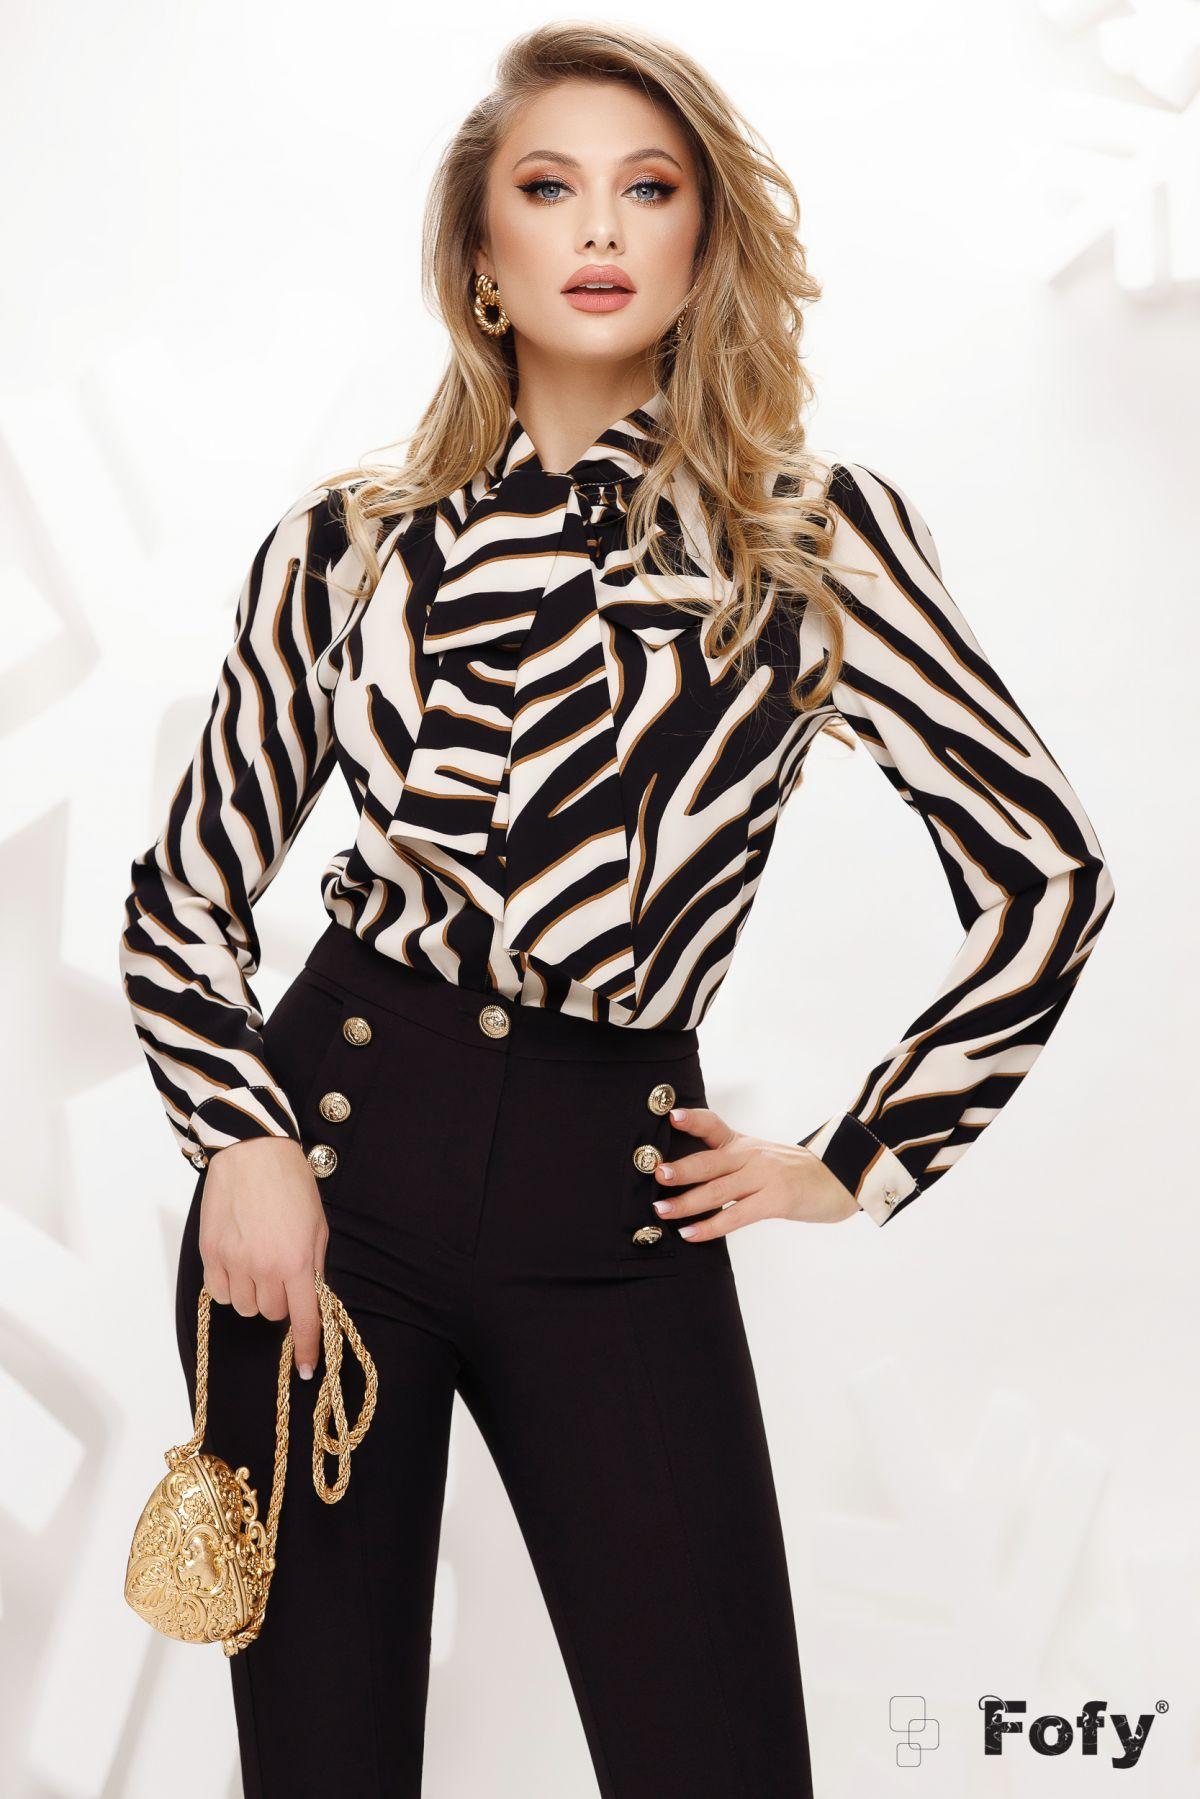 Bluza Fofy eleganta din voal cu imprimeu tigru si guler tip esarfa stilizata